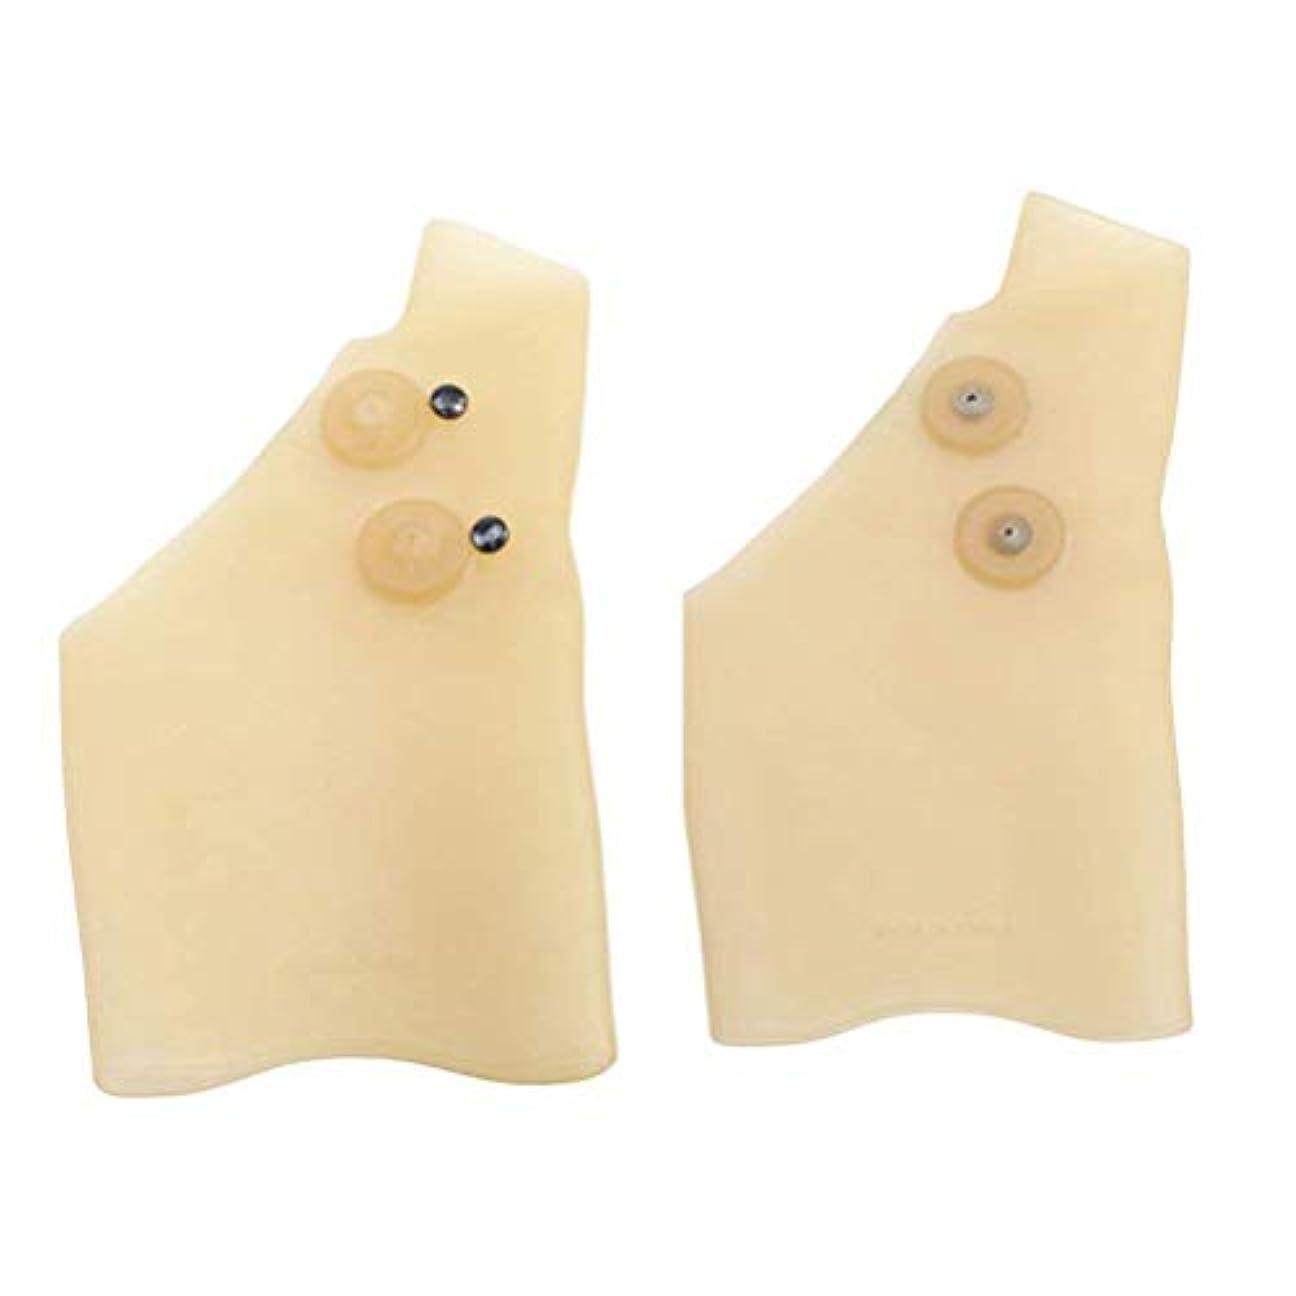 涙が出るいくつかの晩餐腱鞘炎痛みを軽減する男性の女性のための防水1ペア弾性シリコーンゲル手首のサポートブレースジェル手首ブレース手根管手首のブレース